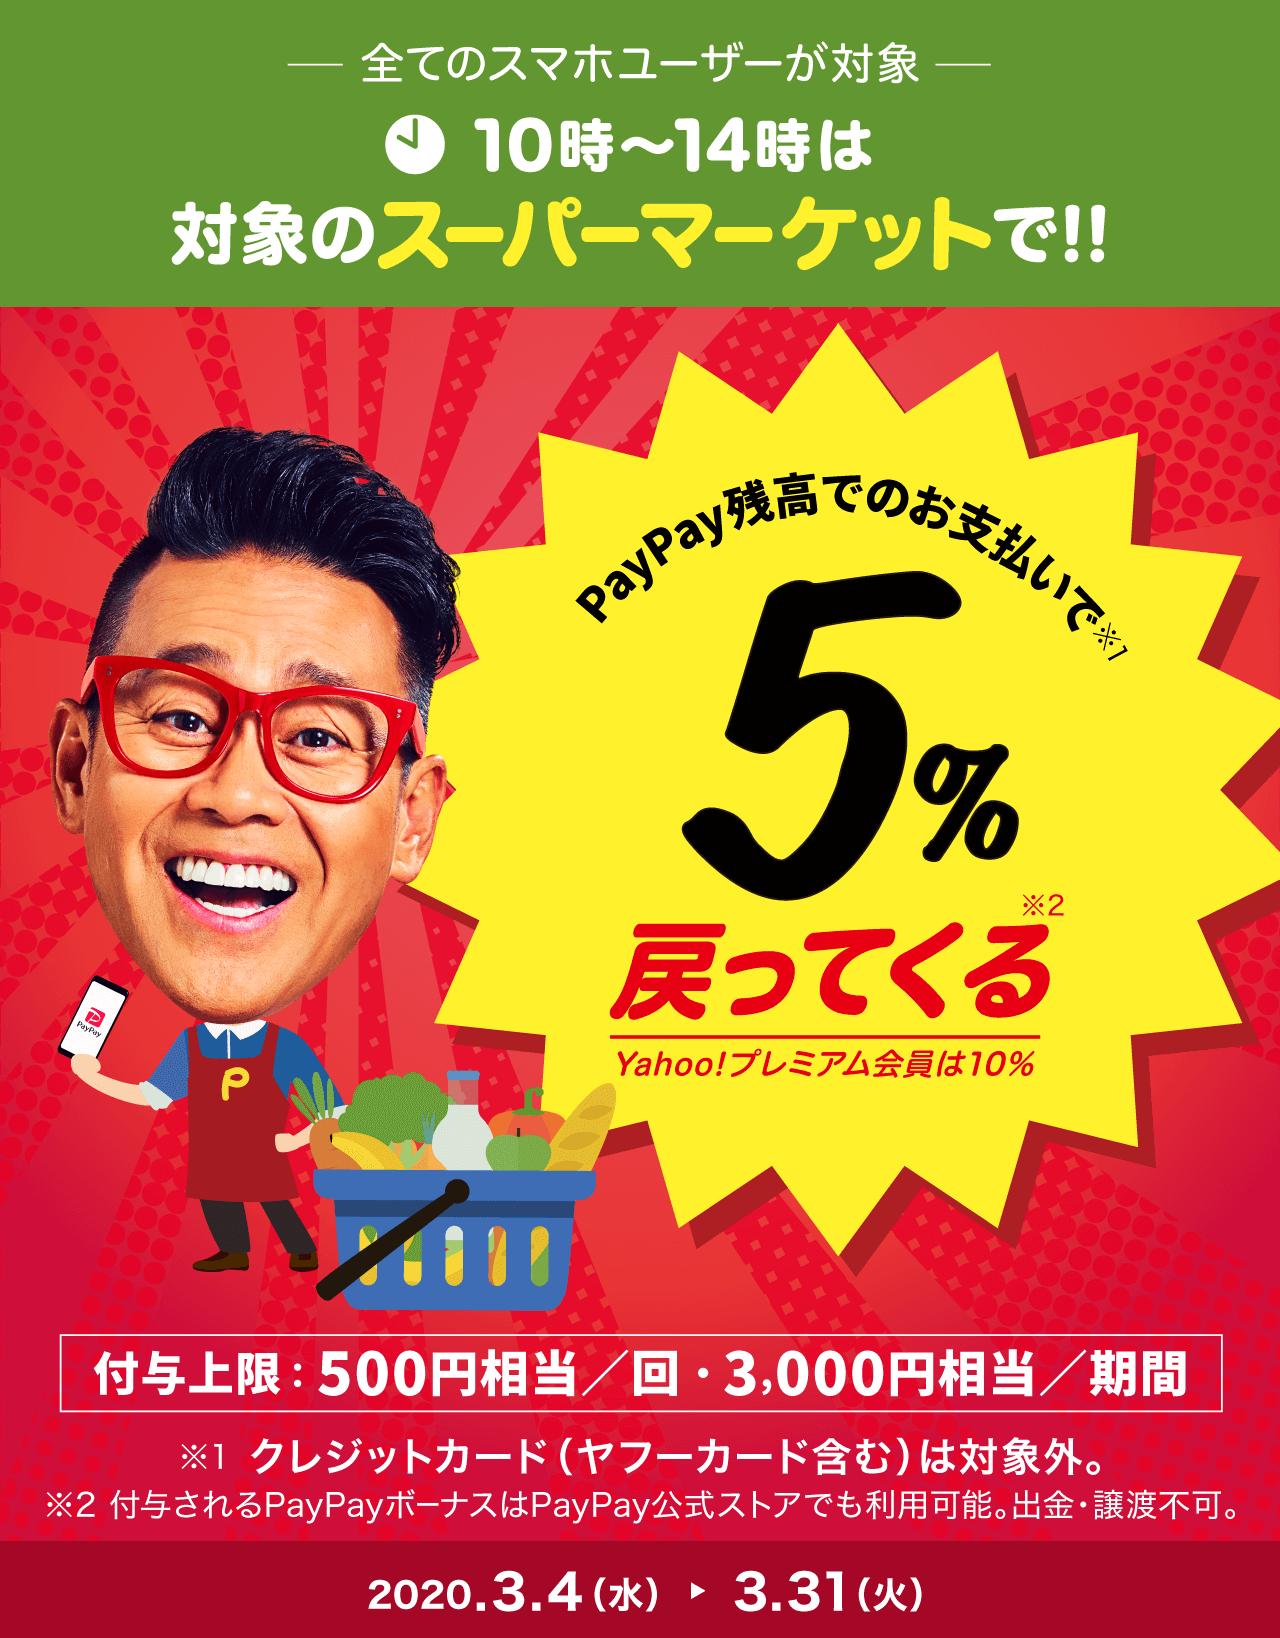 全てのスマホユーザーが対象 10時〜14時は対象のスーパーマーケットで!! PayPay残高でのお支払いで5%戻ってくる